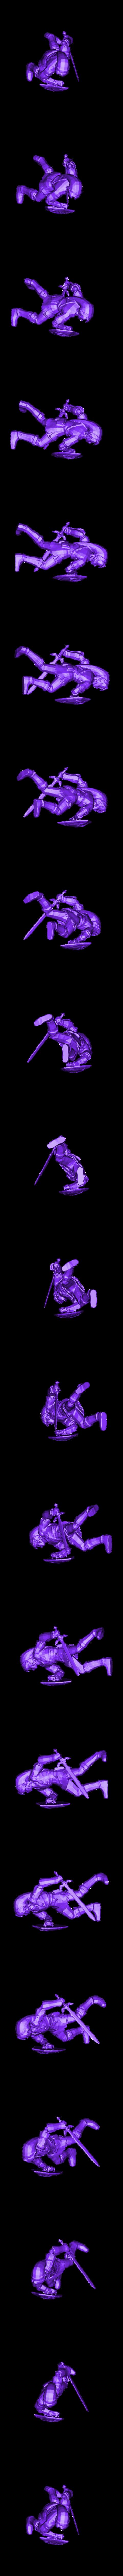 linkSmall.stl Download free STL file Link Model • 3D printing design, koukwst